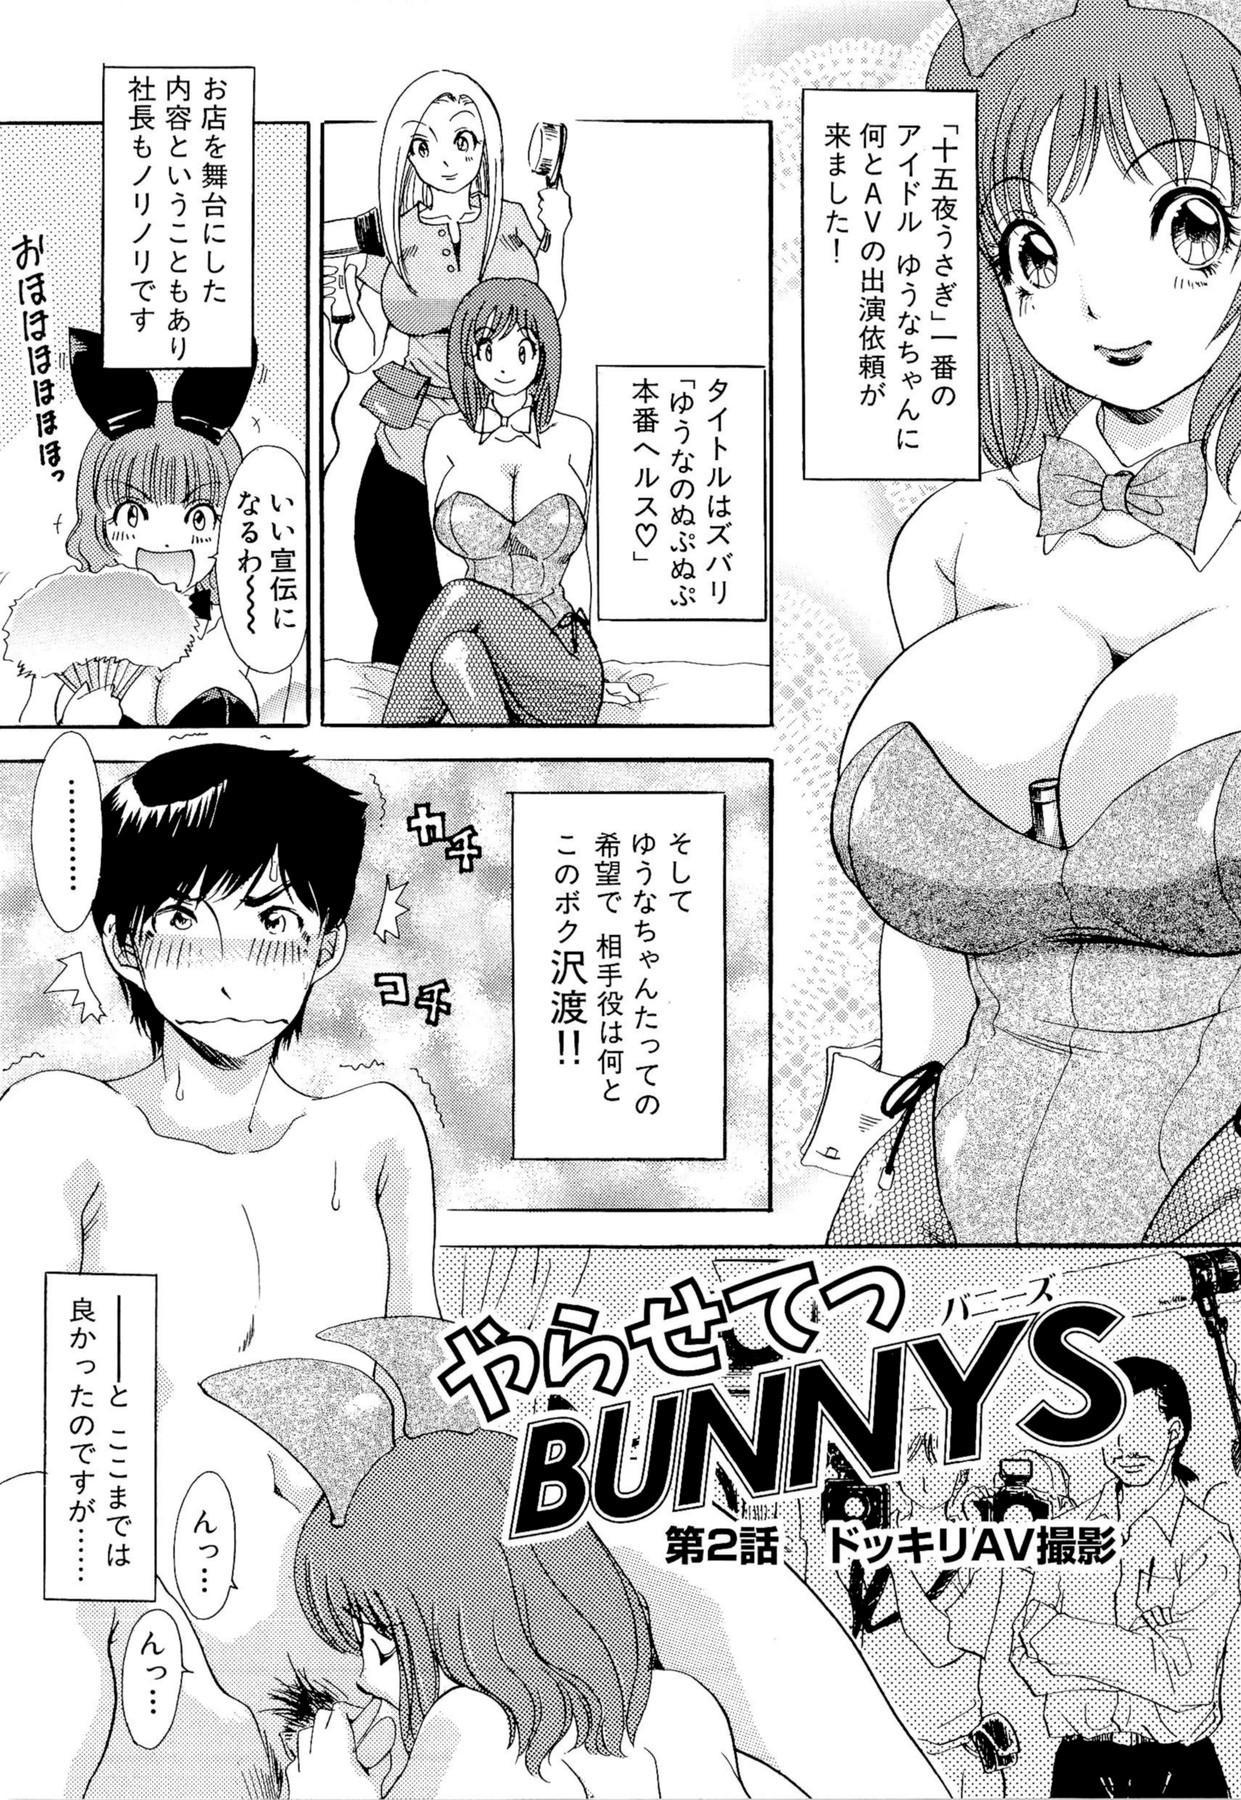 Yarasete Bunnys 25